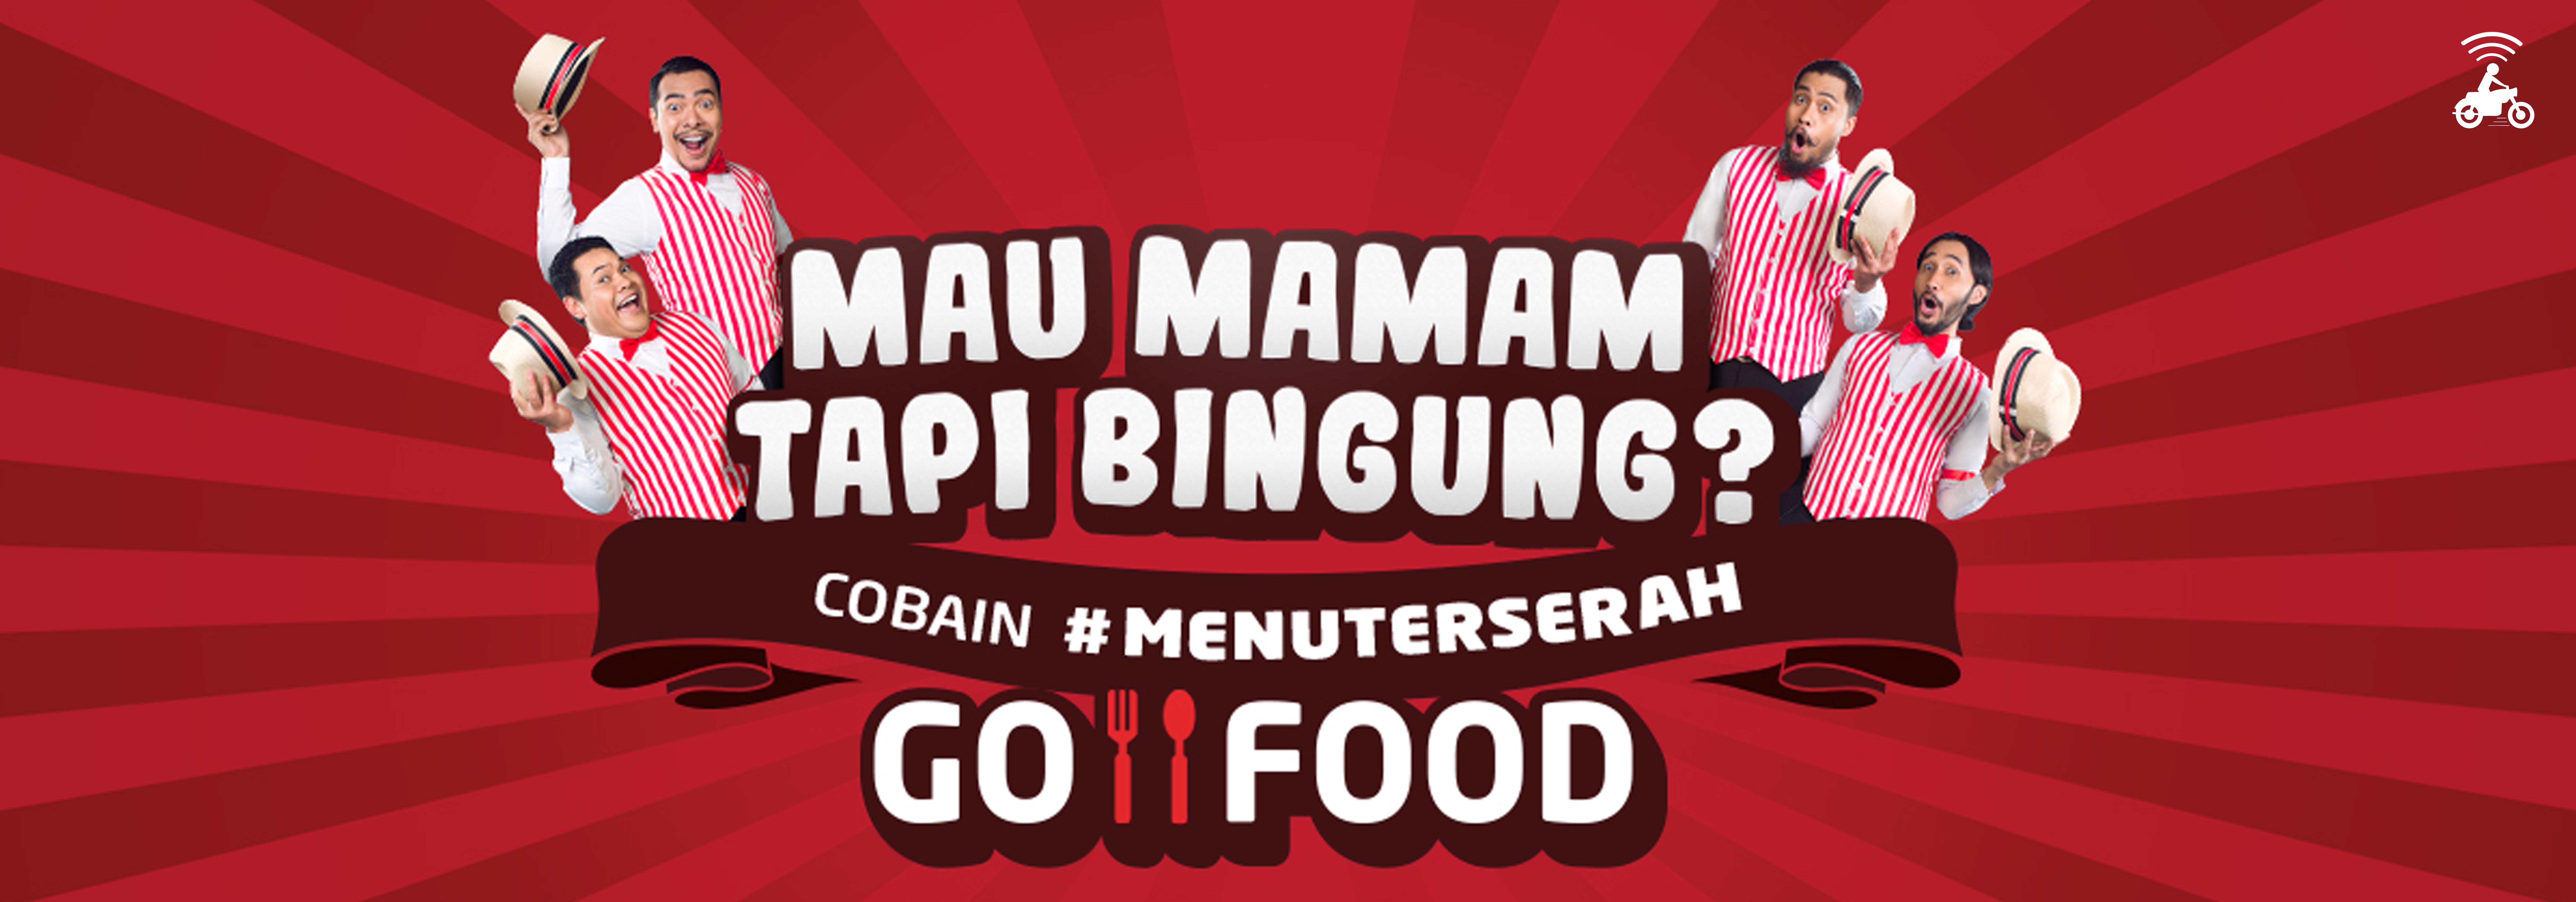 Mau Mamam Tapi Bingung? Pesan #MenuTerserah di GO-FOOD Aja!